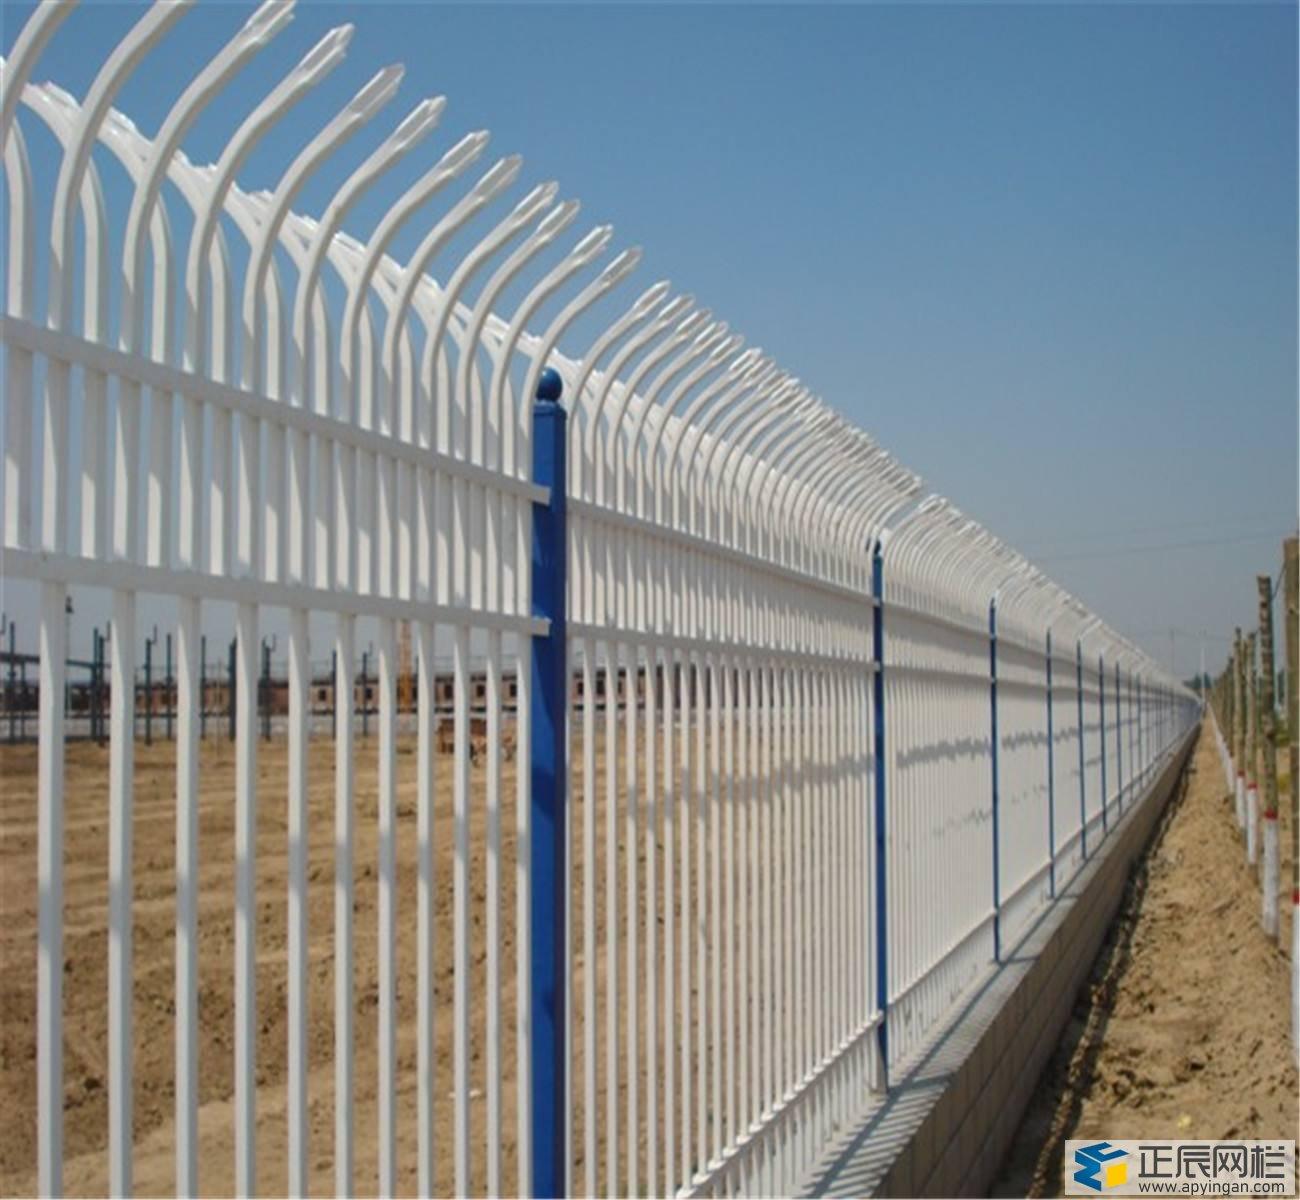 锌钢护栏的种类